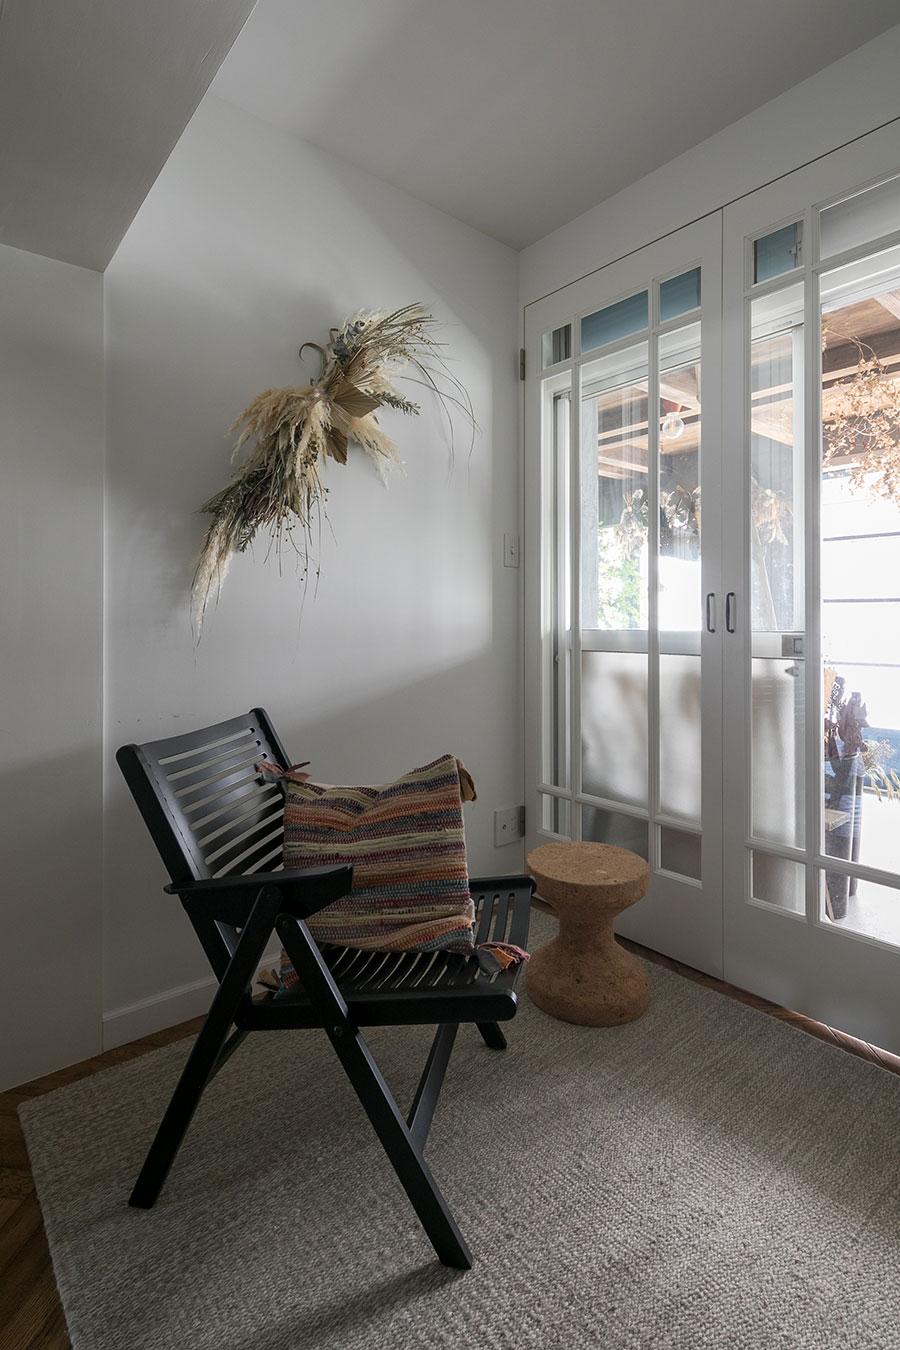 玄関と反対の南側の開口部。掃き出し窓の向こうは花屋で、その先は外につながる。壁面のドライフラワーアレンジメントはHarunaさんの作品。